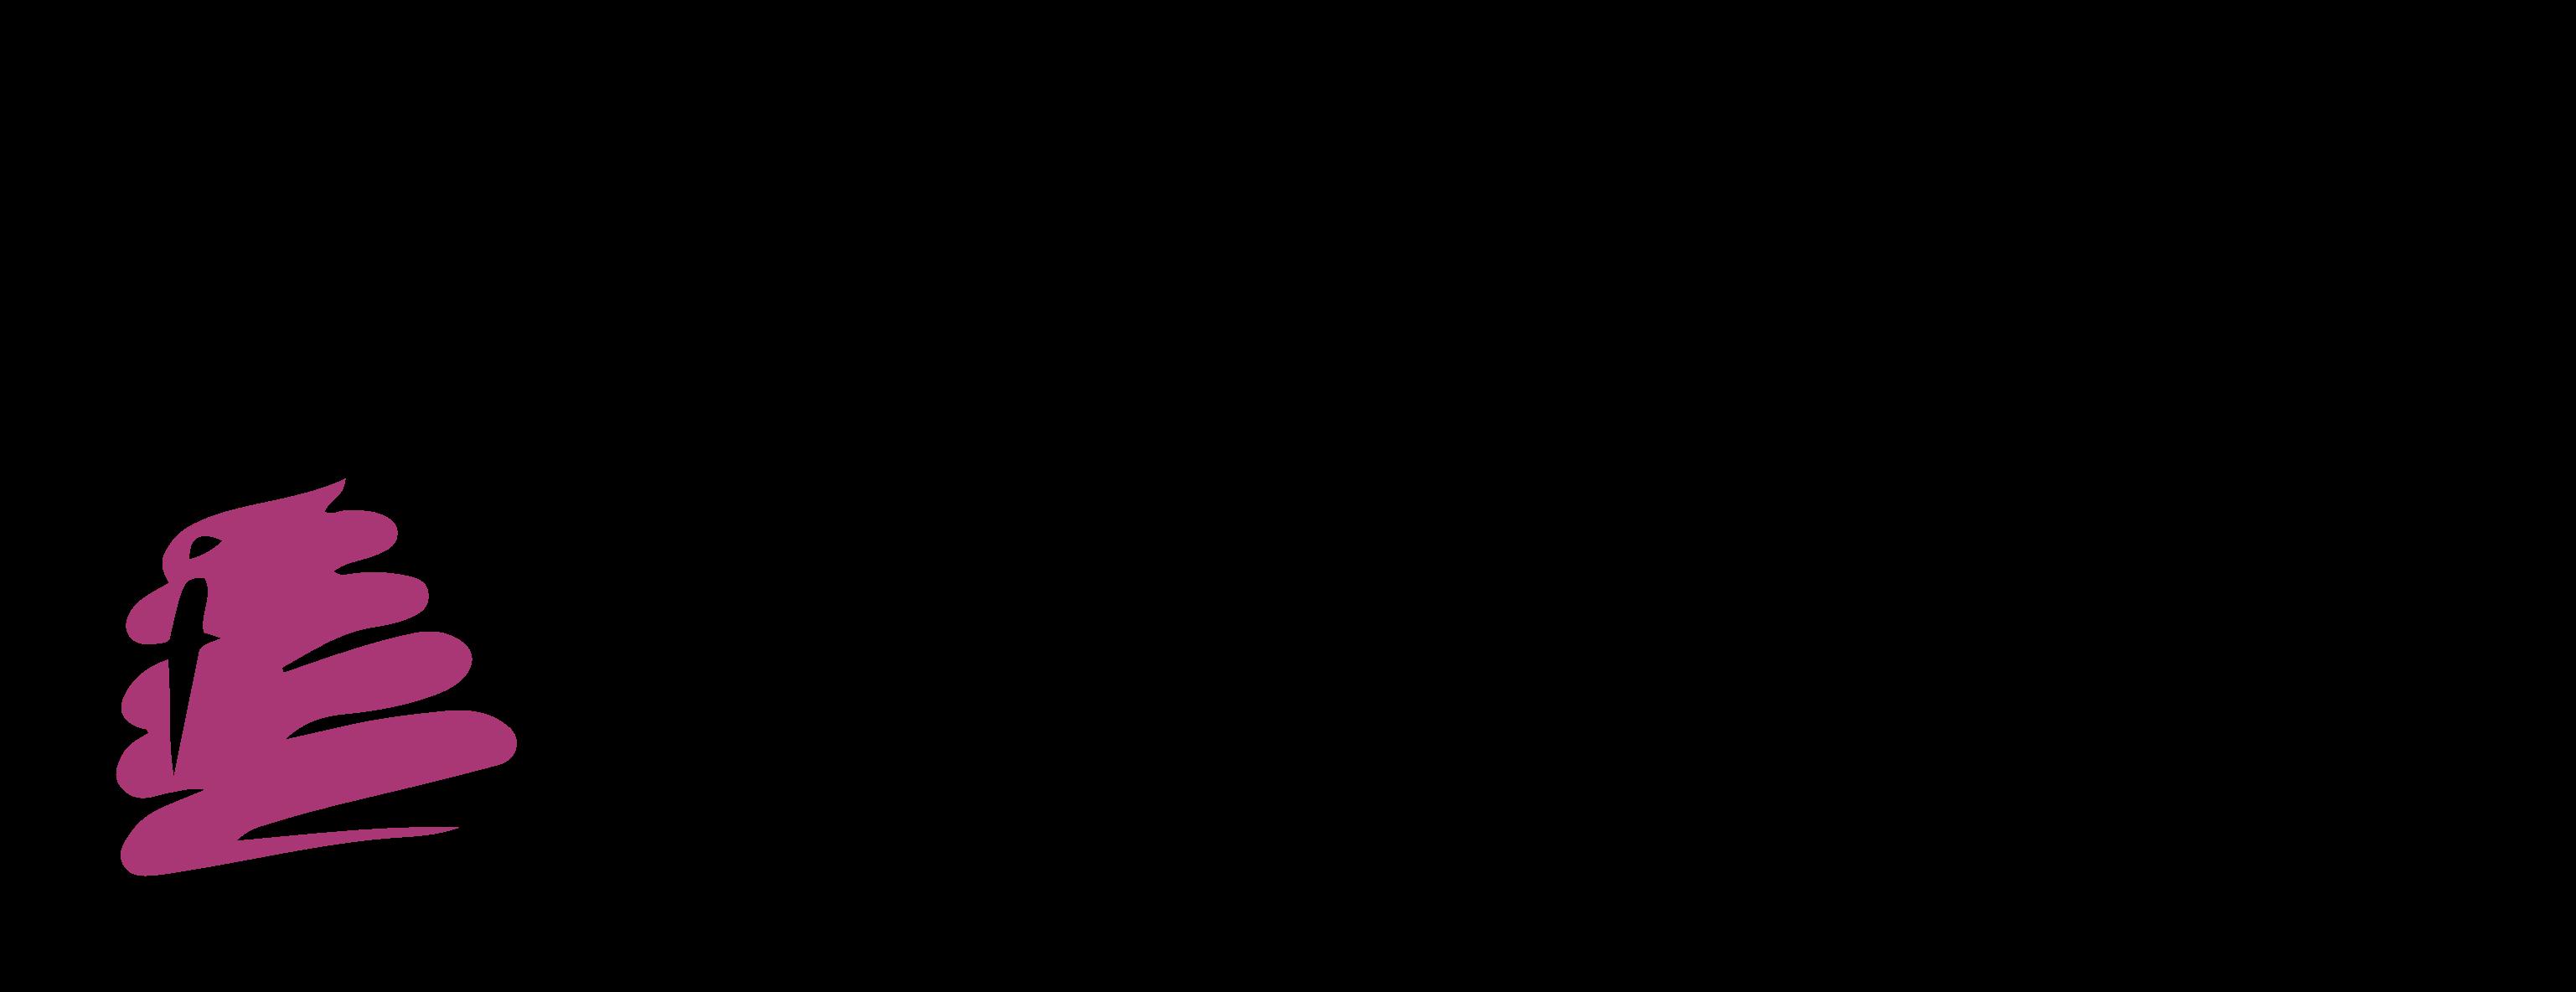 Gellak.pro logo